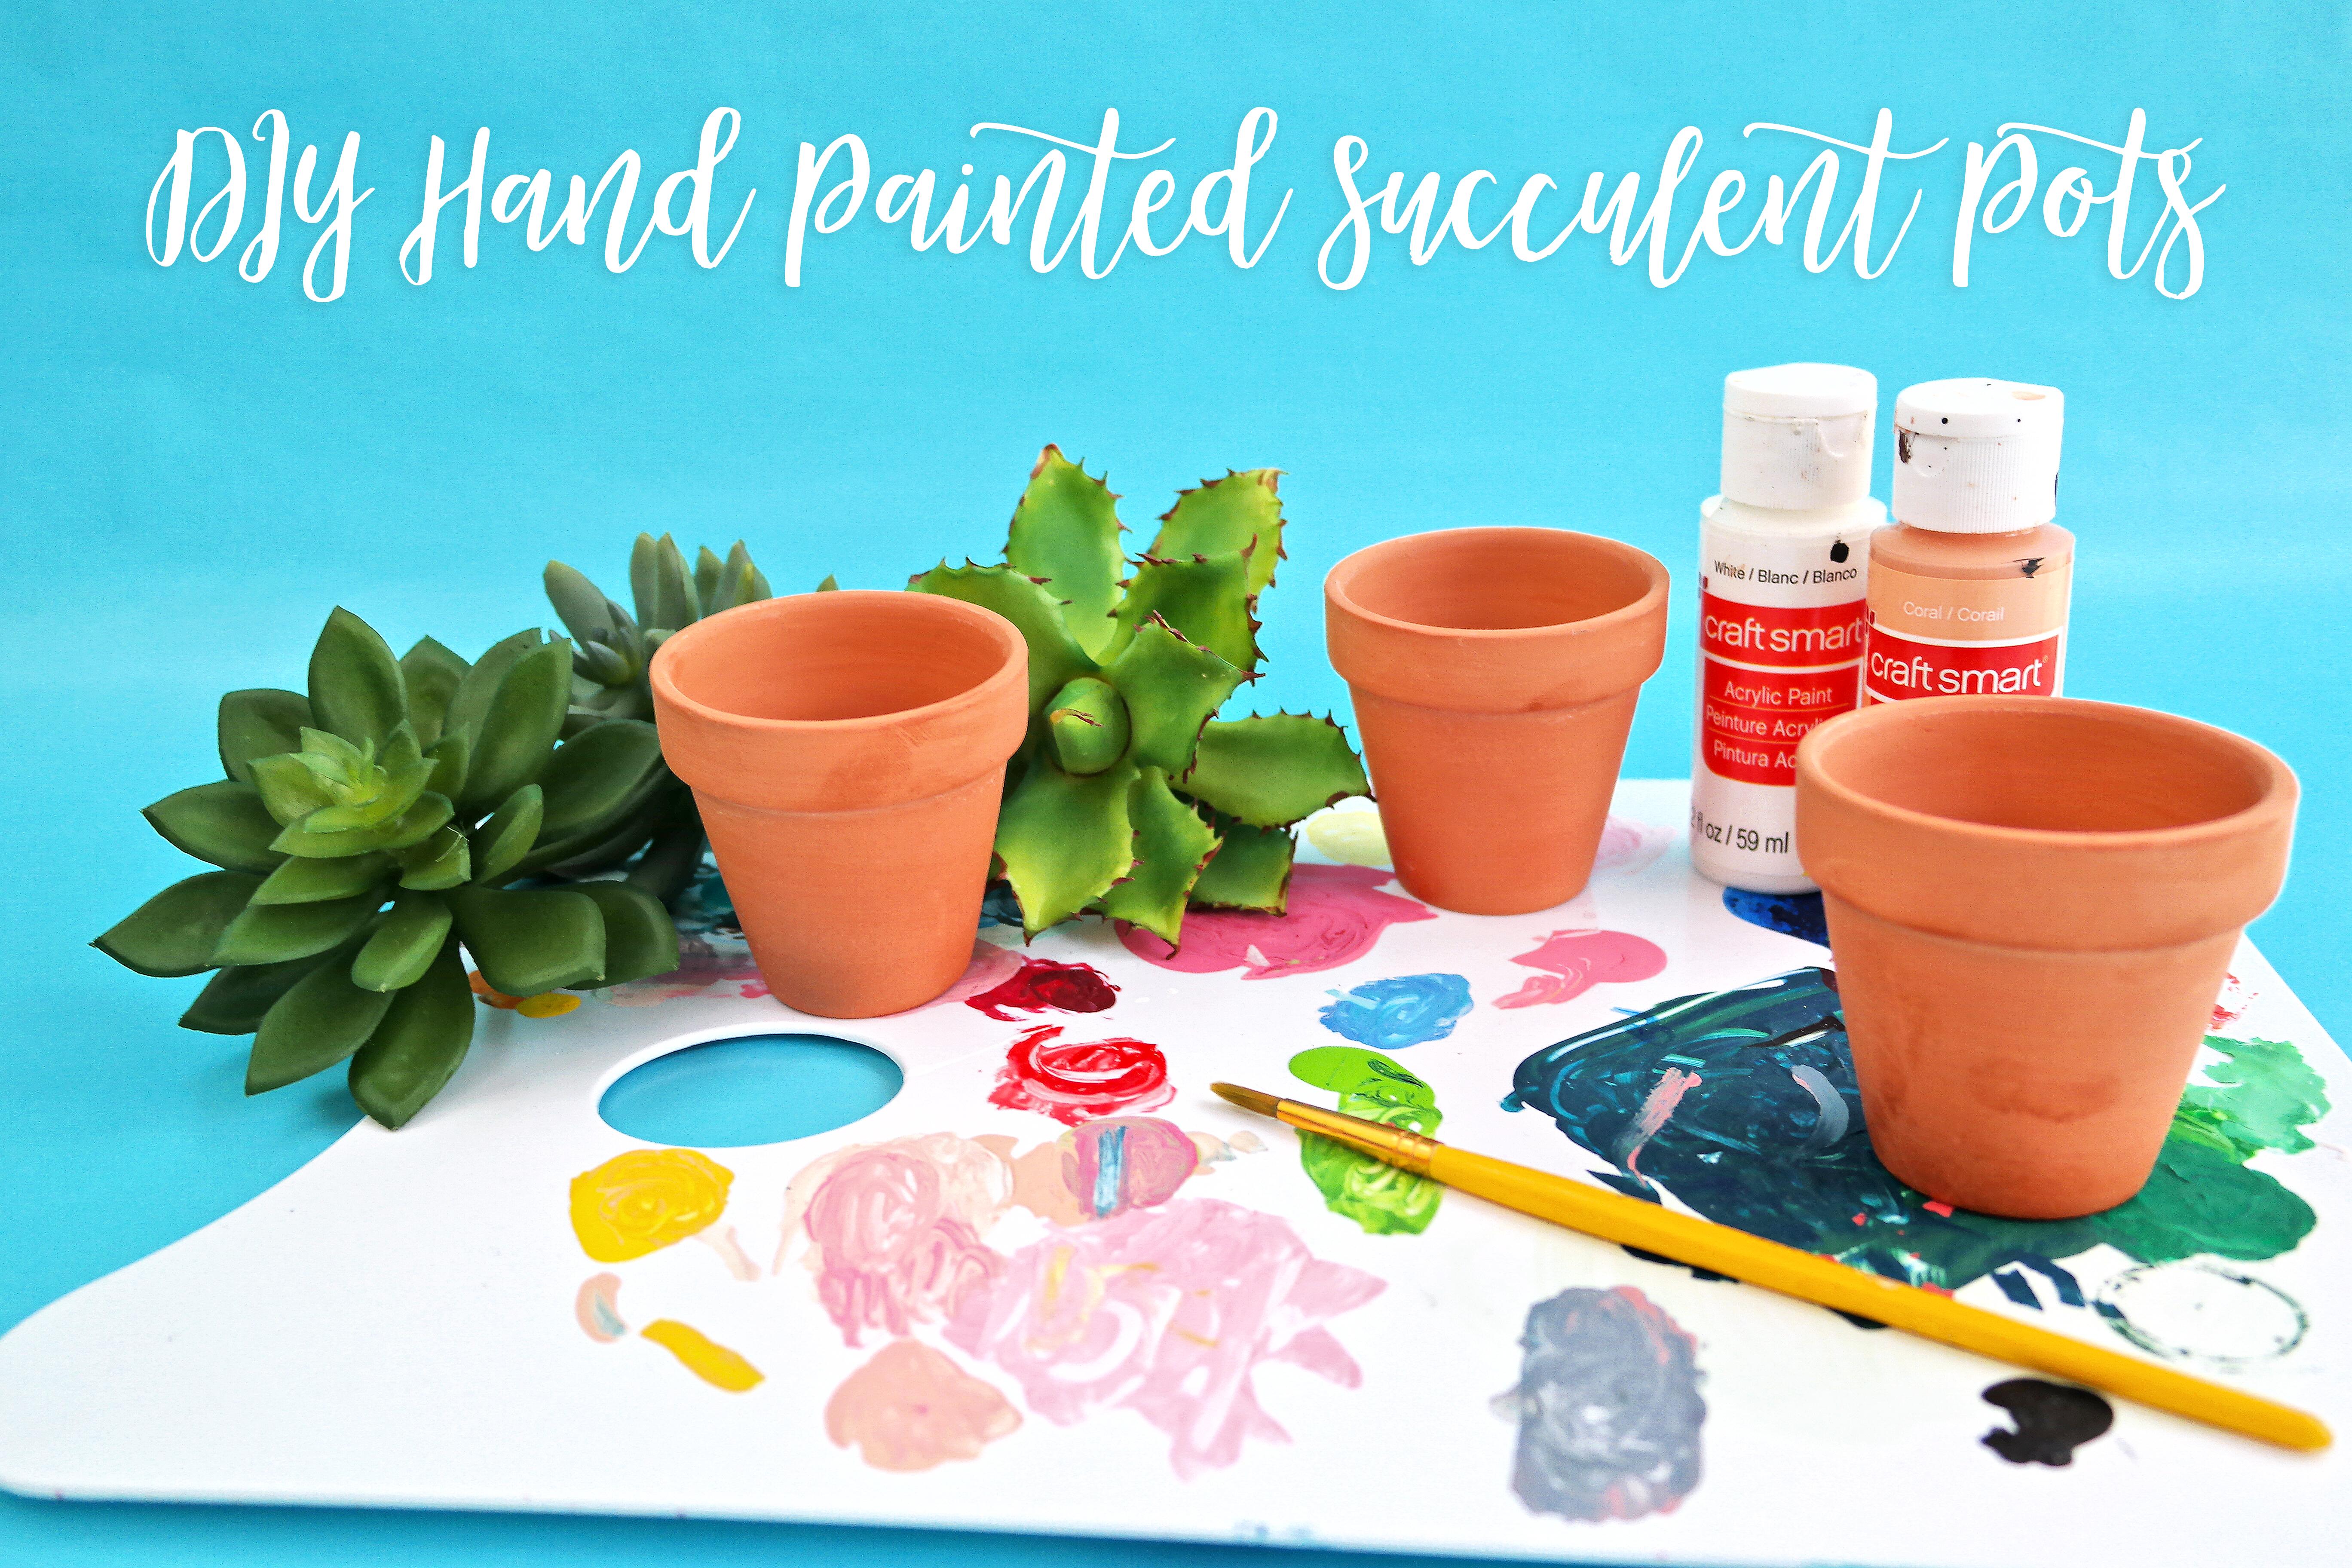 Diy Hand Painted Succulent Pots Quest Type